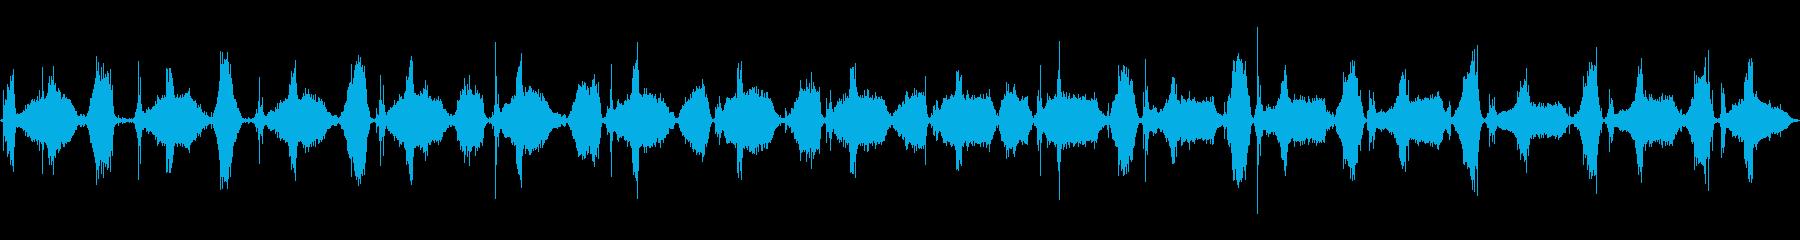 フットポンプ:エアマットレスの爆発...の再生済みの波形